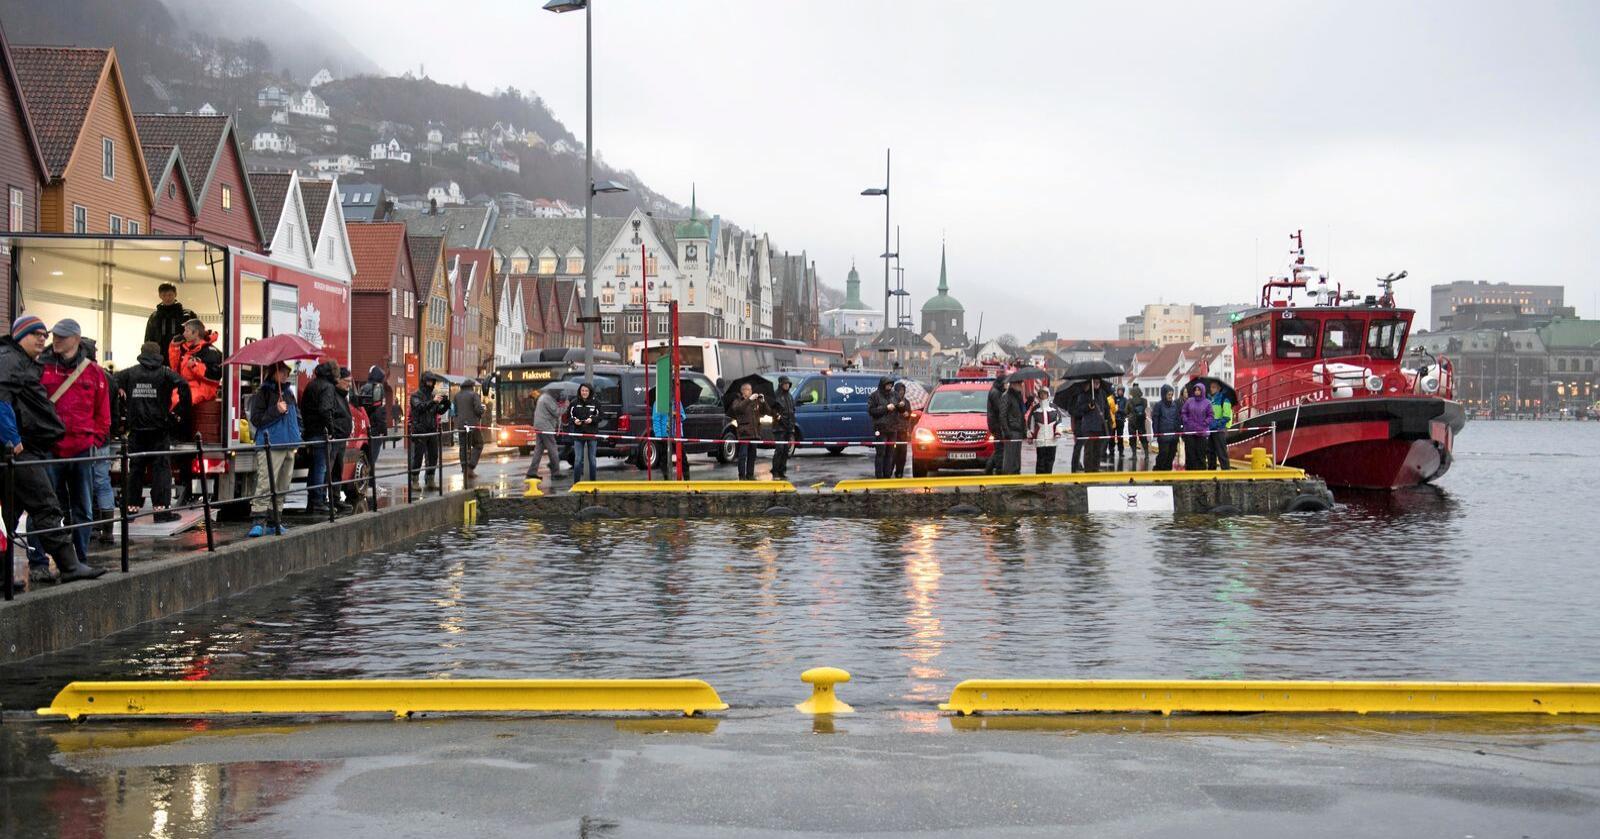 Bryggen i Bergen er blant stadane som kan bli oversvømte dei neste dagane.Foto: Marit Hommedal / NTB scanpix